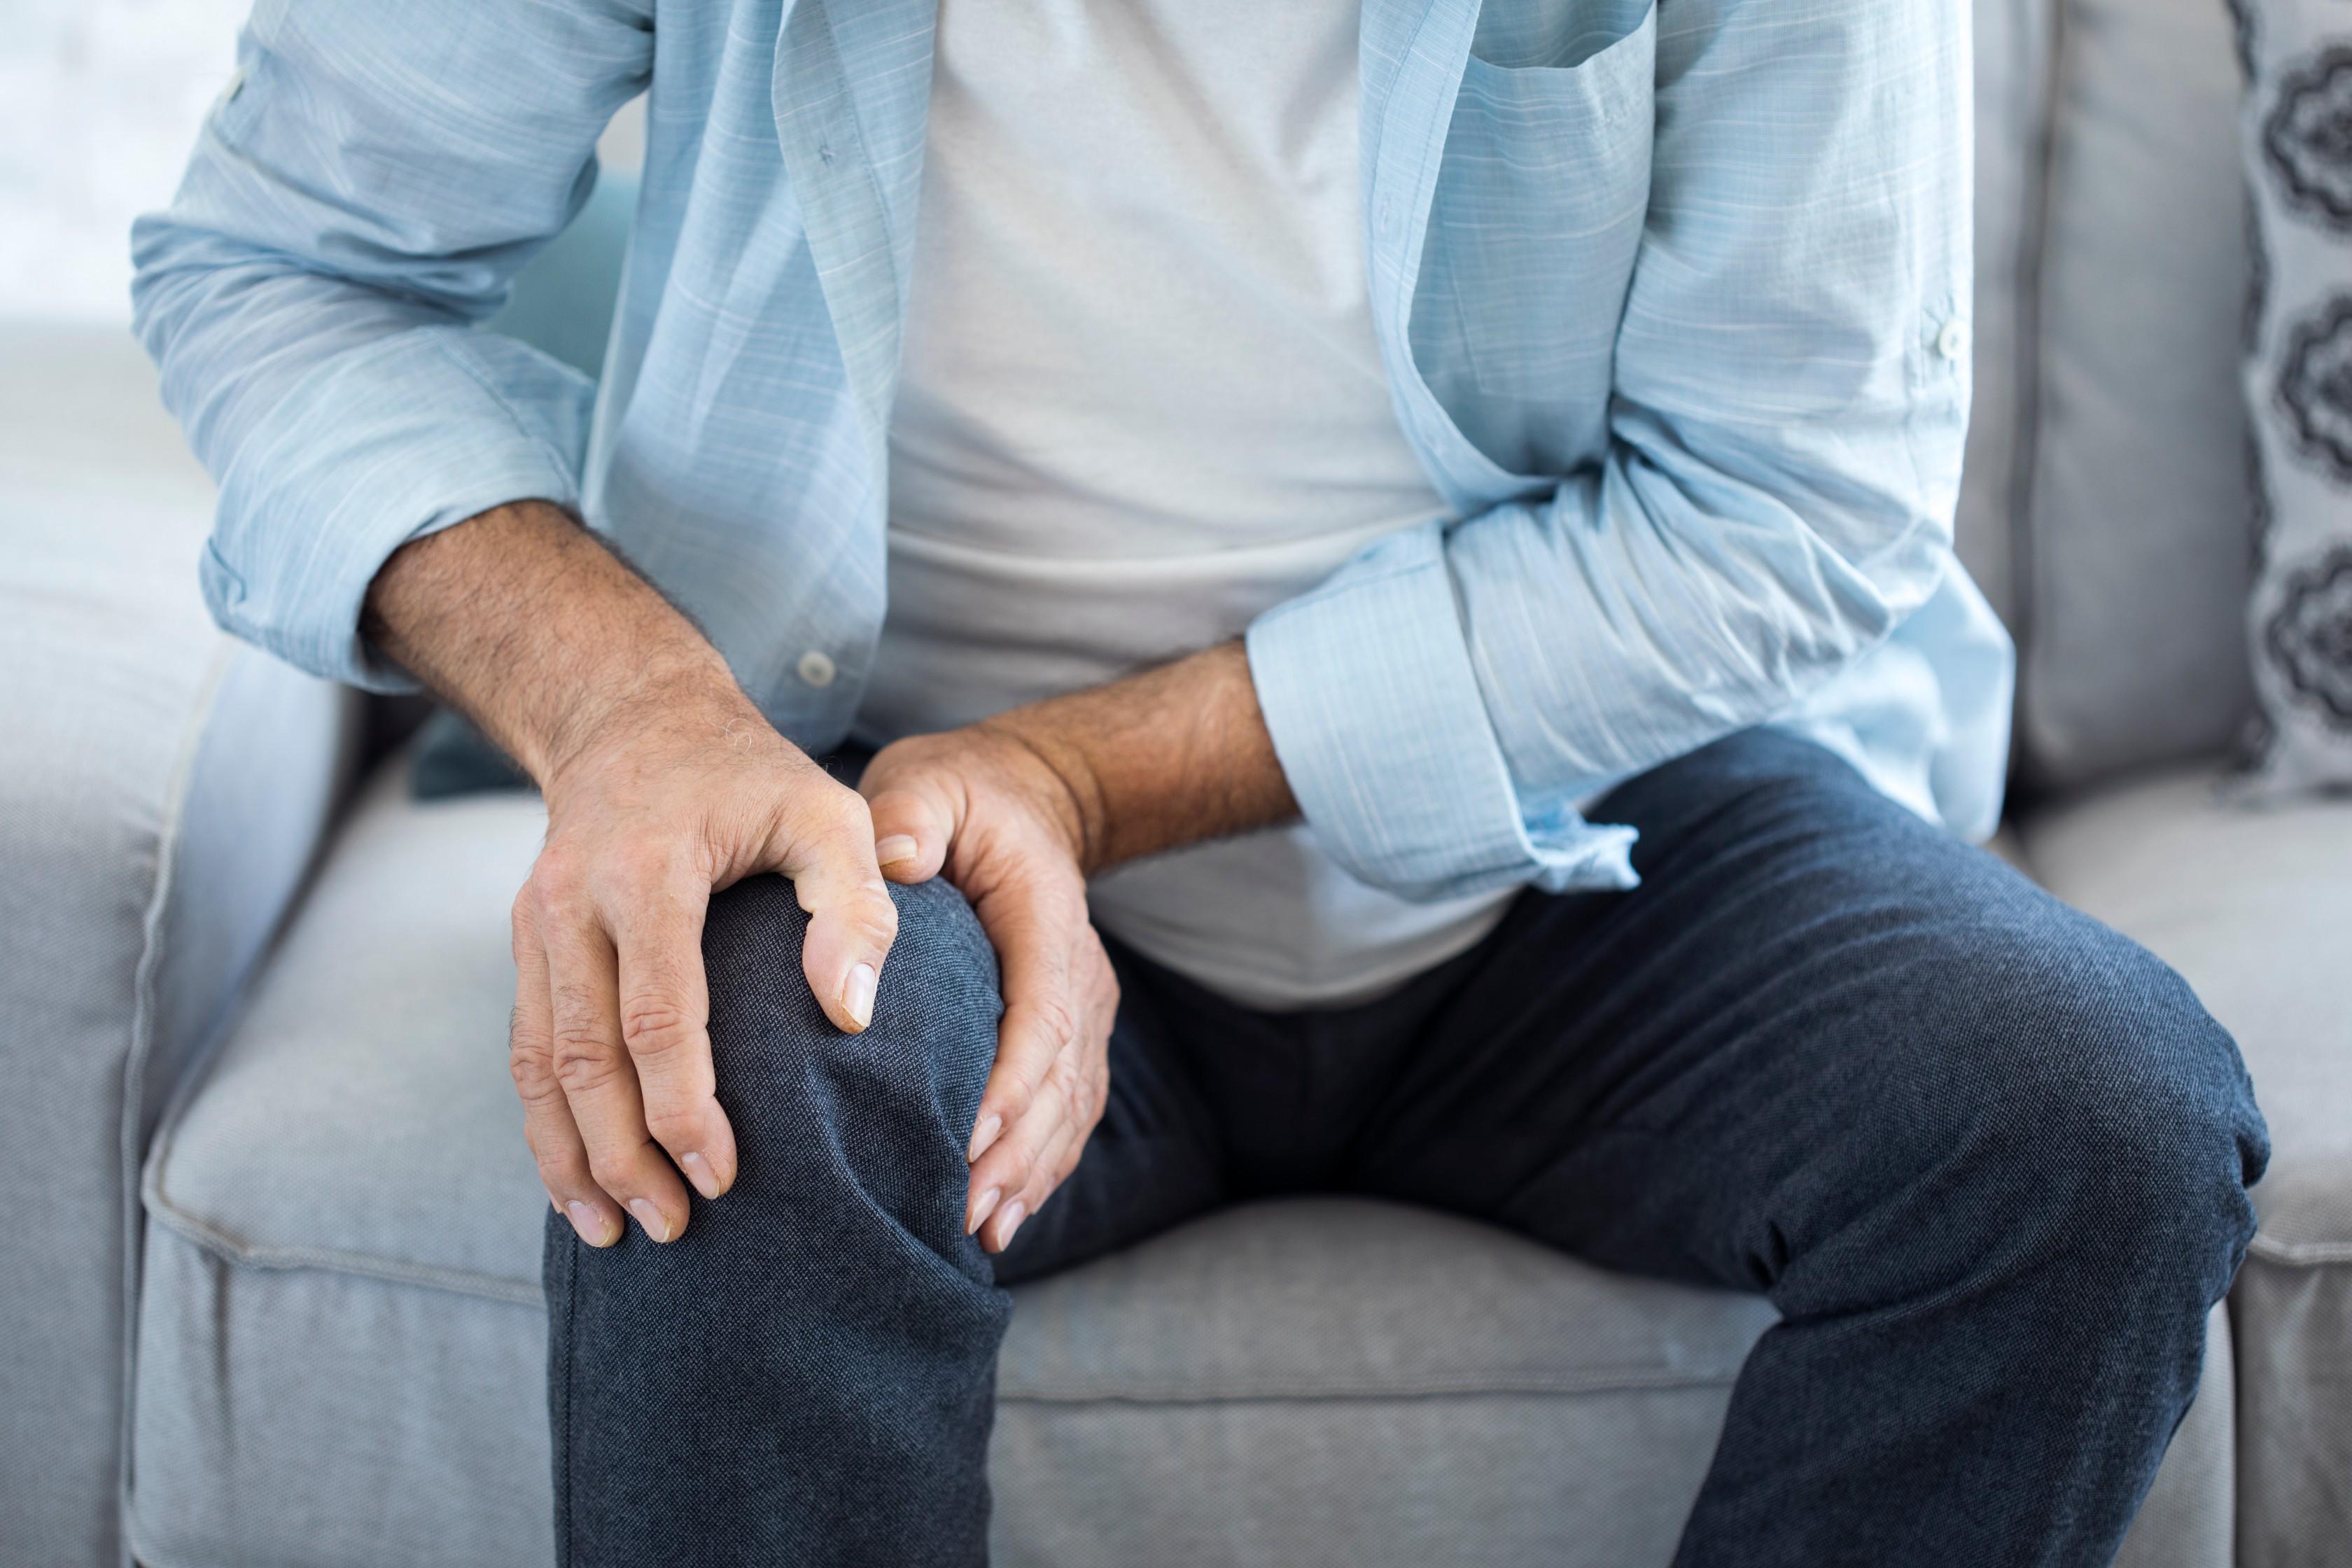 ricinusolaj kezelési ízületek áttekintése csípőízületi fájdalom kezelése